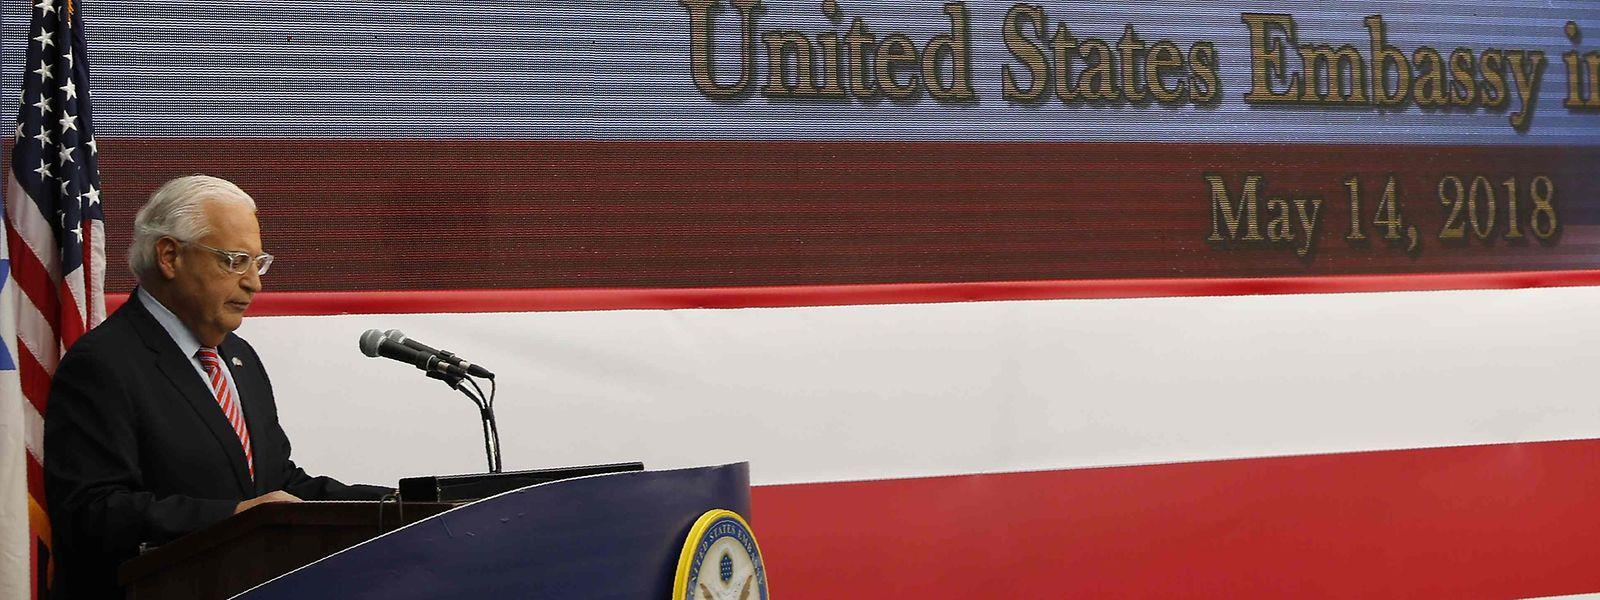 US-Botschafter David Friedman vor der Video-Leinwand, auf der das Video von Donald Trump eingespielt wurde.